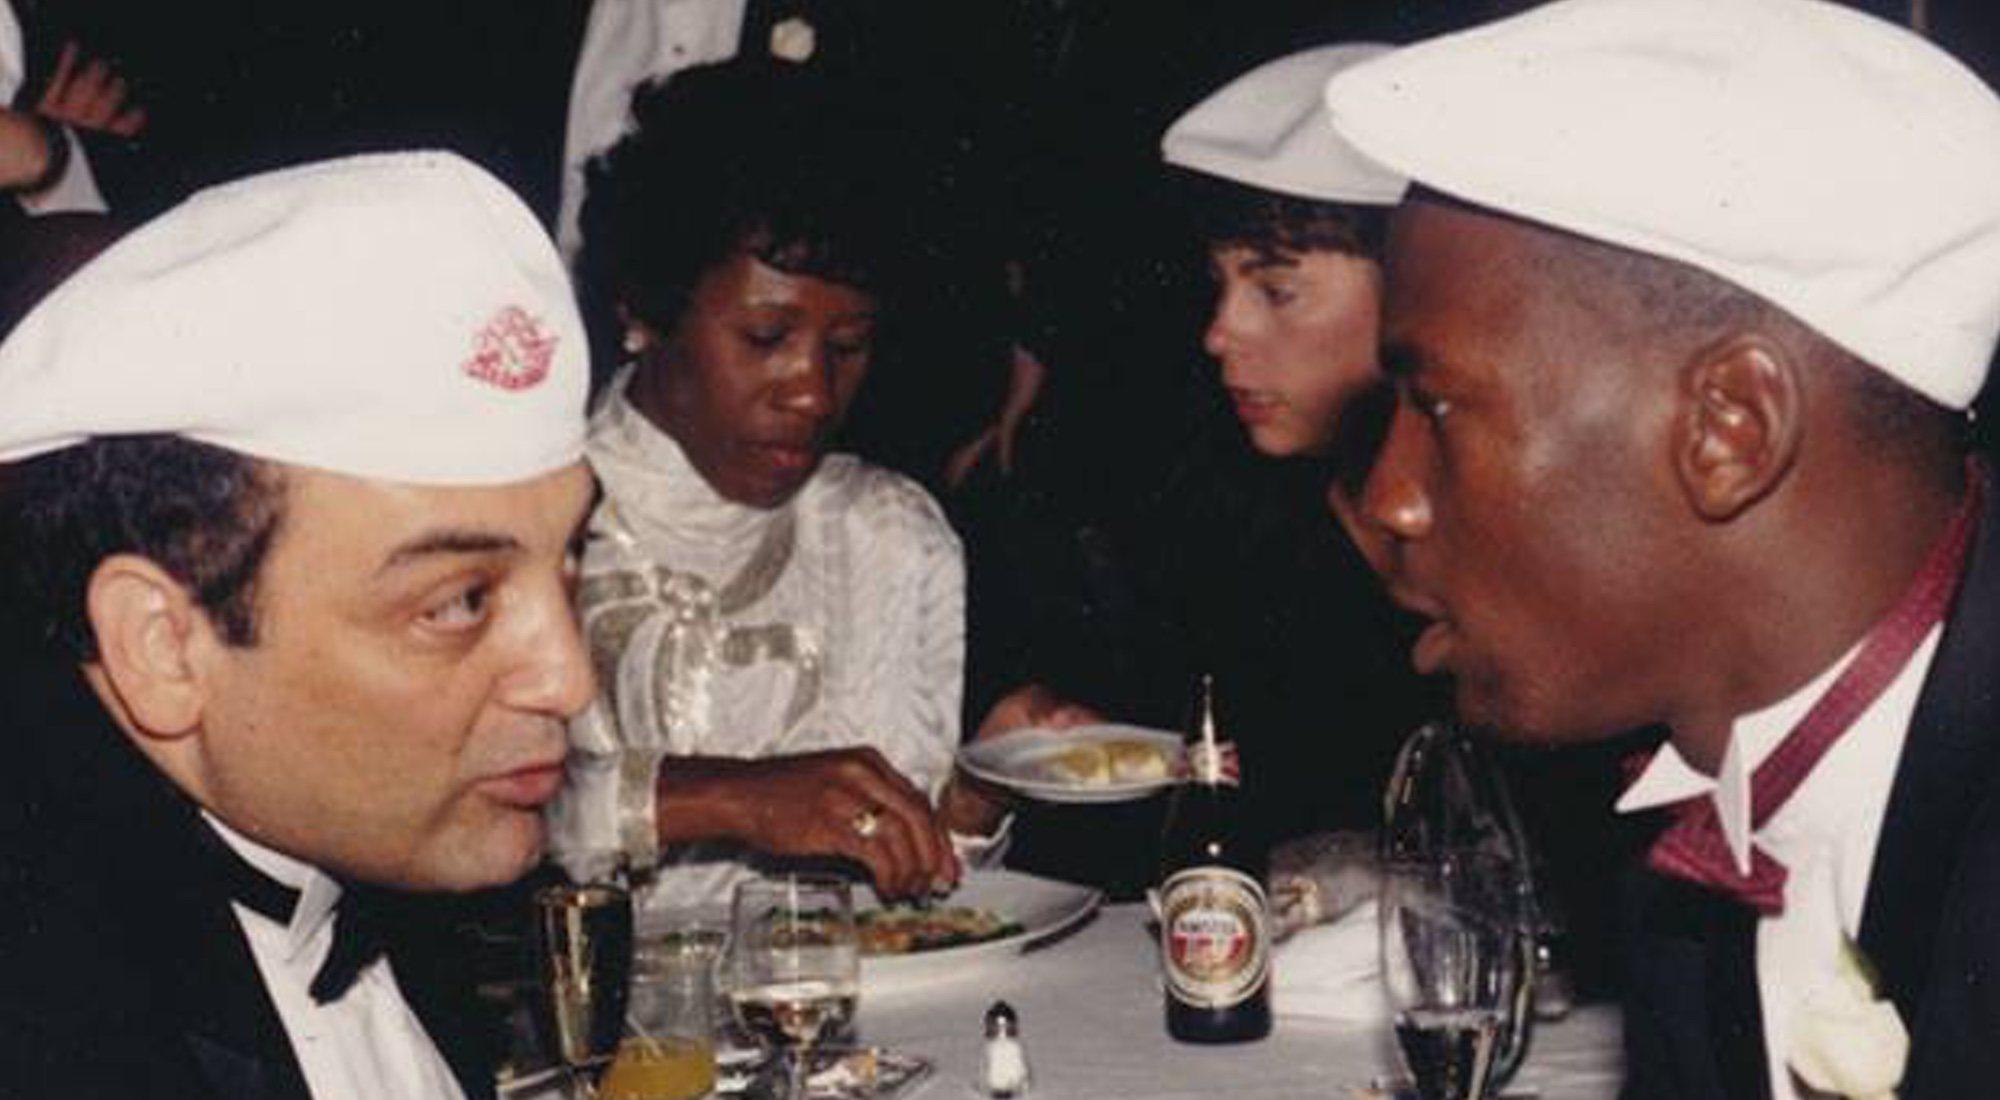 Sonny Vaccaro, el hombre que descubrió a Michael Jordan, Kobe Bryant y LeBron James